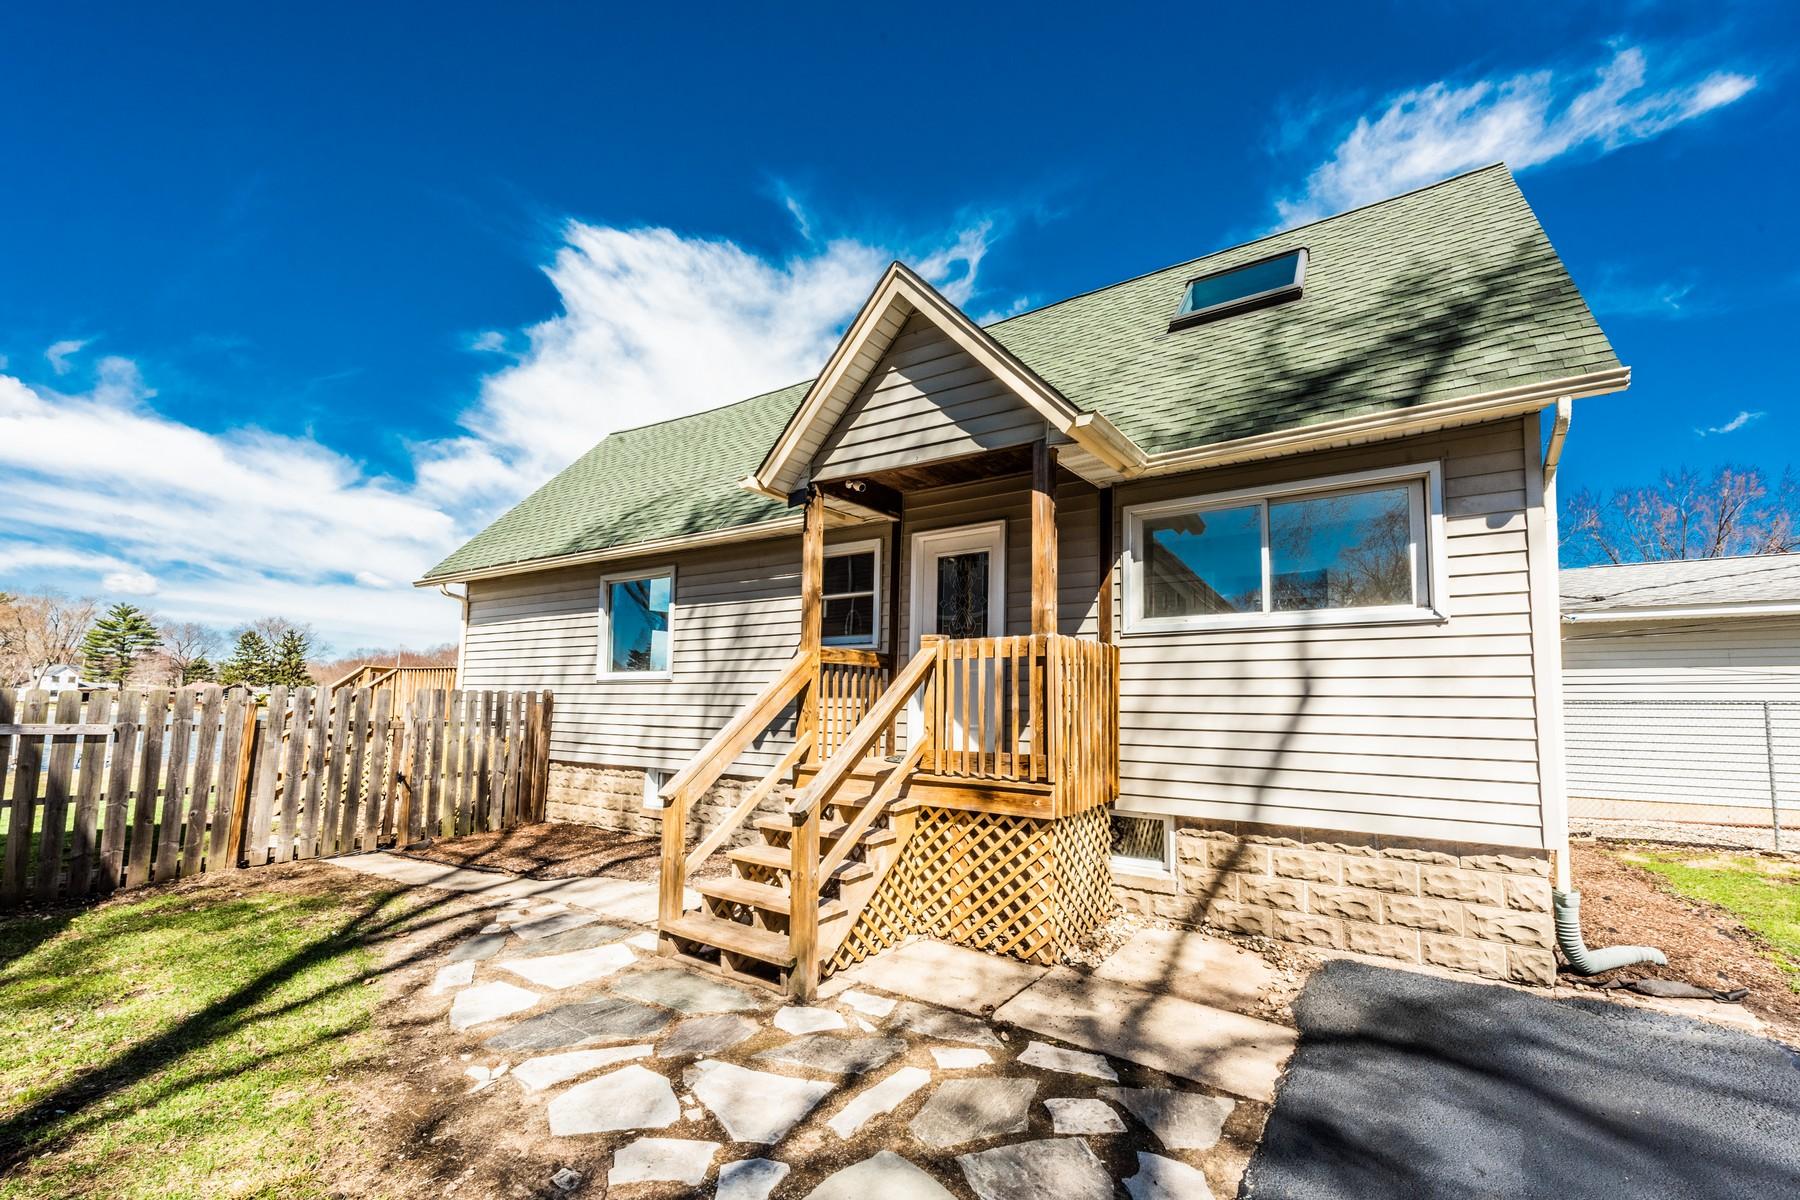 Частный односемейный дом для того Продажа на River Front Escape 209 N Emerald Drive McHenry, Иллинойс 60051 Соединенные Штаты